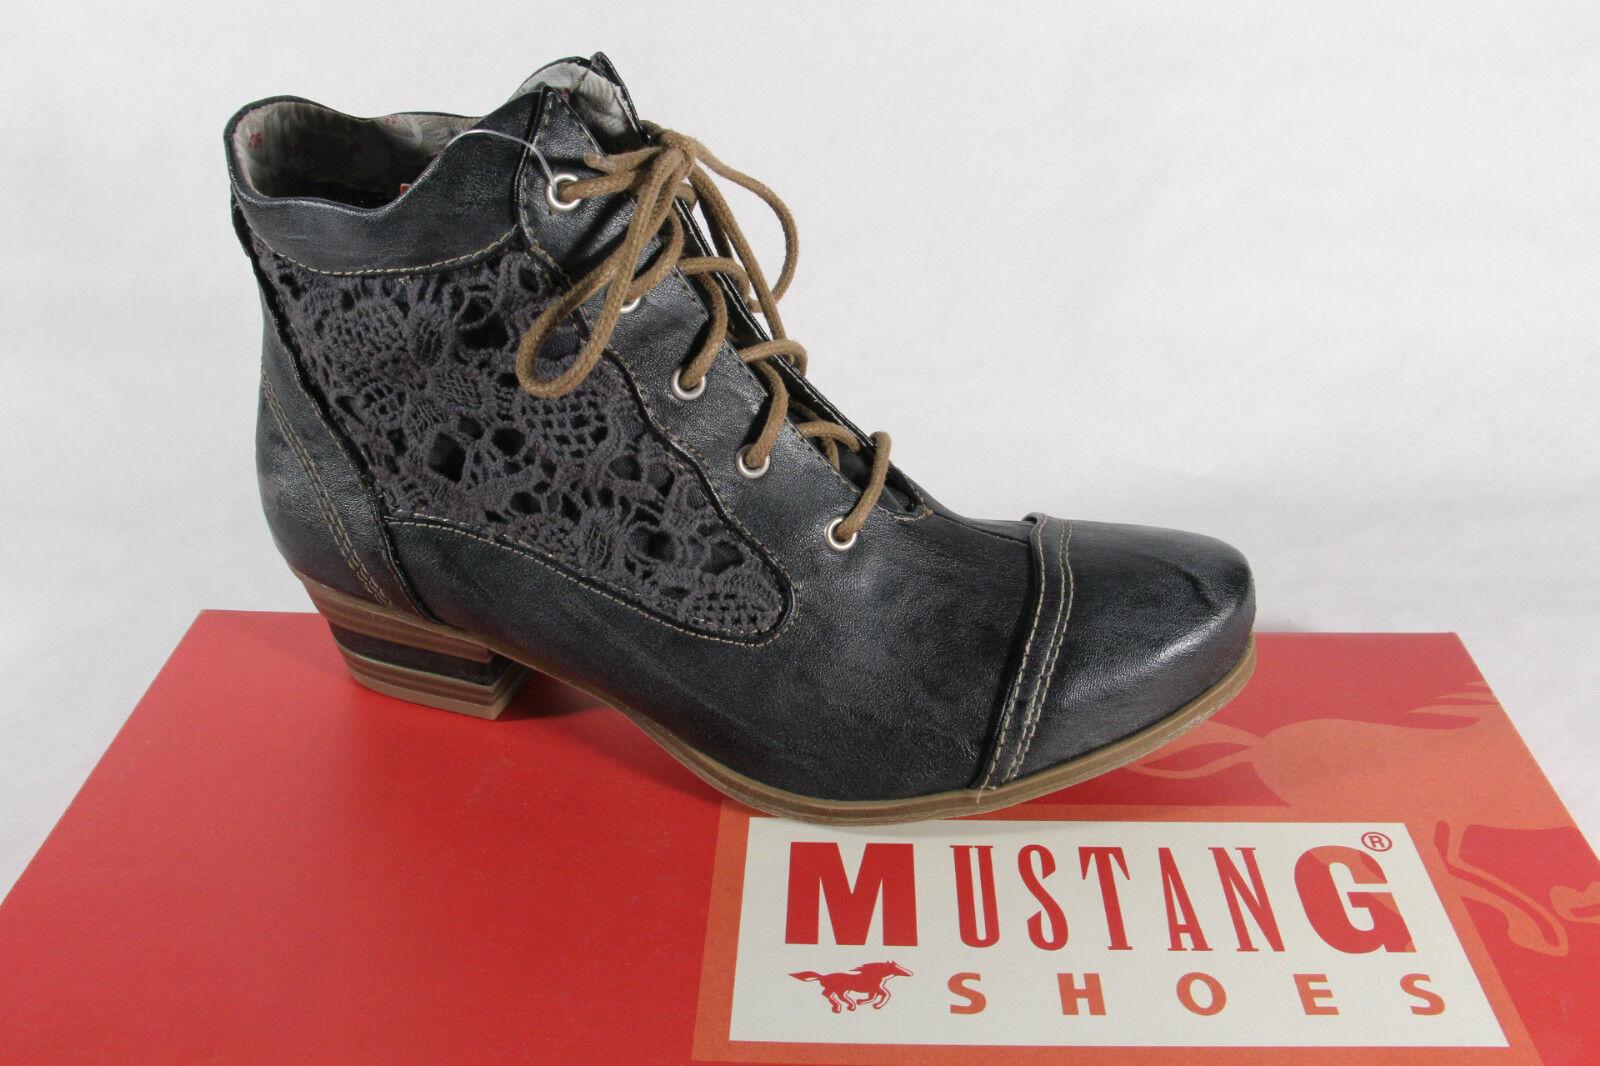 Mustang Stiefel Stiefeletten Stiefelette Schnürstiefel Schnürstiefel Schnürstiefel Stiefel grau blau  NEU  Qualitätskontrolle